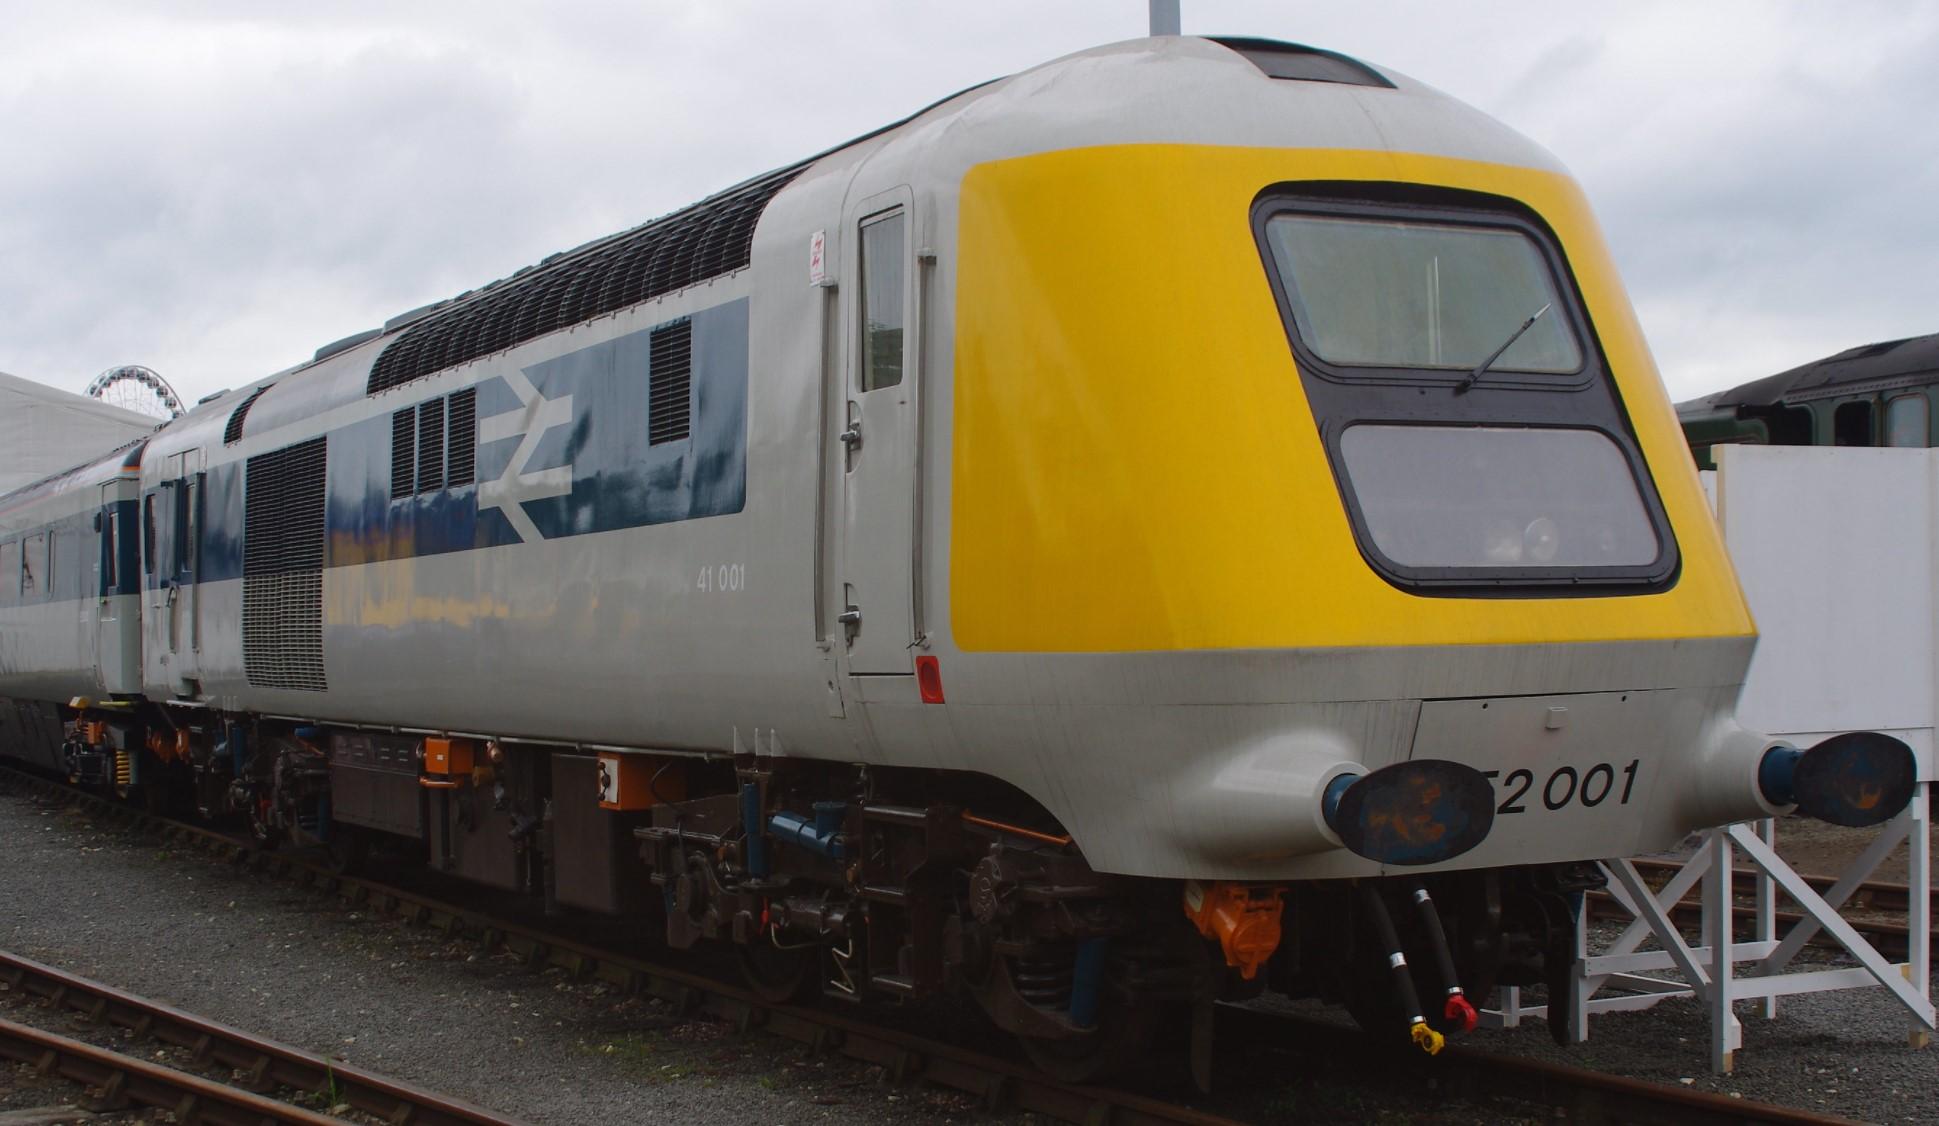 41001/ 252001 at Railfest 2012 in June 2012. ©Clagmaster